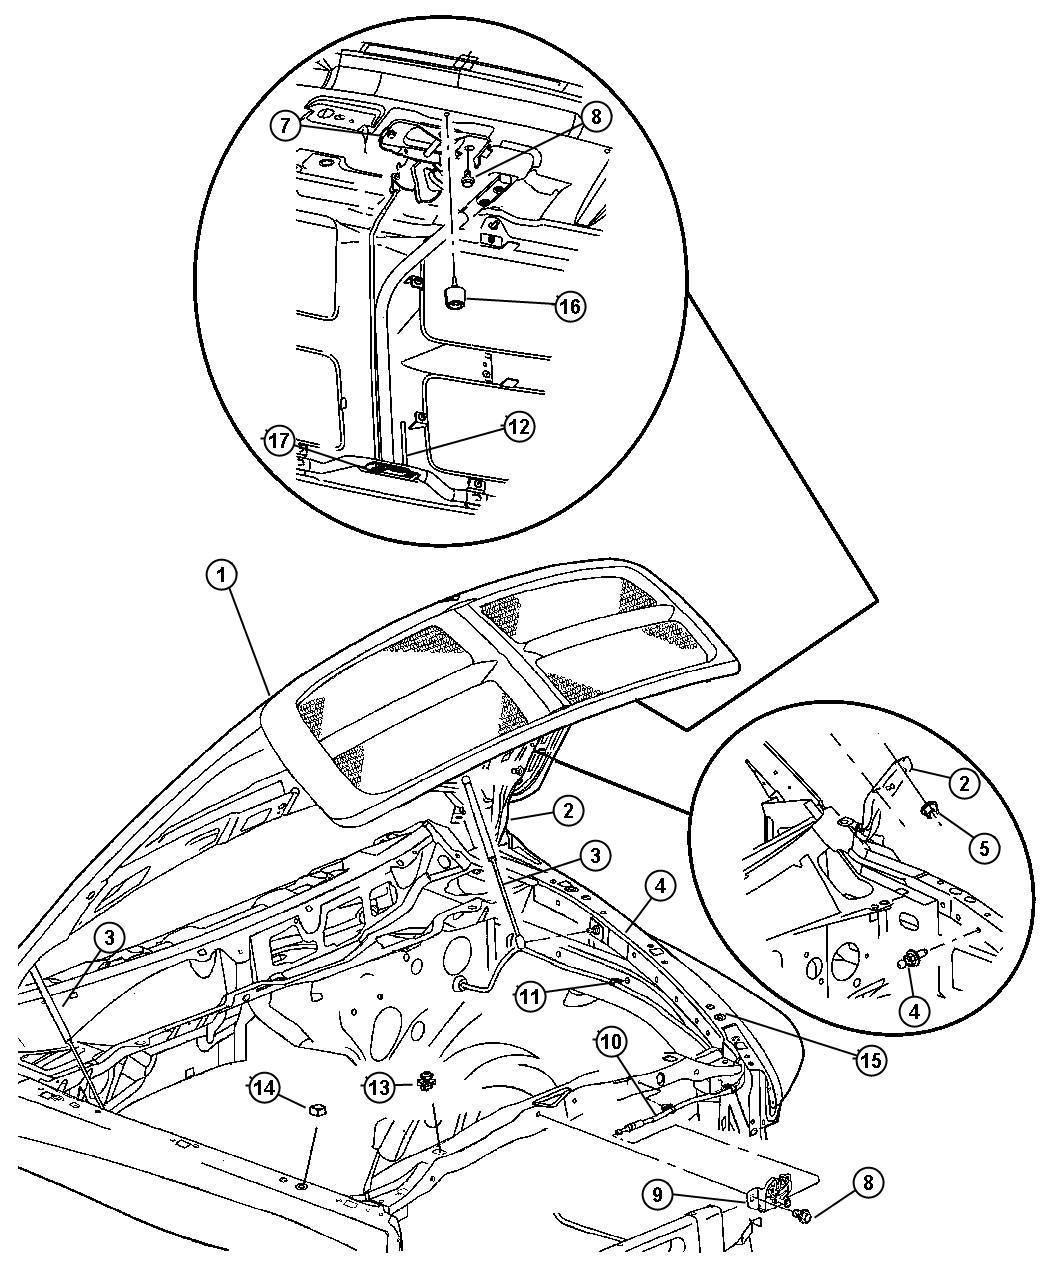 Dodge Ram 1500 Retainer. Hood latch release rod